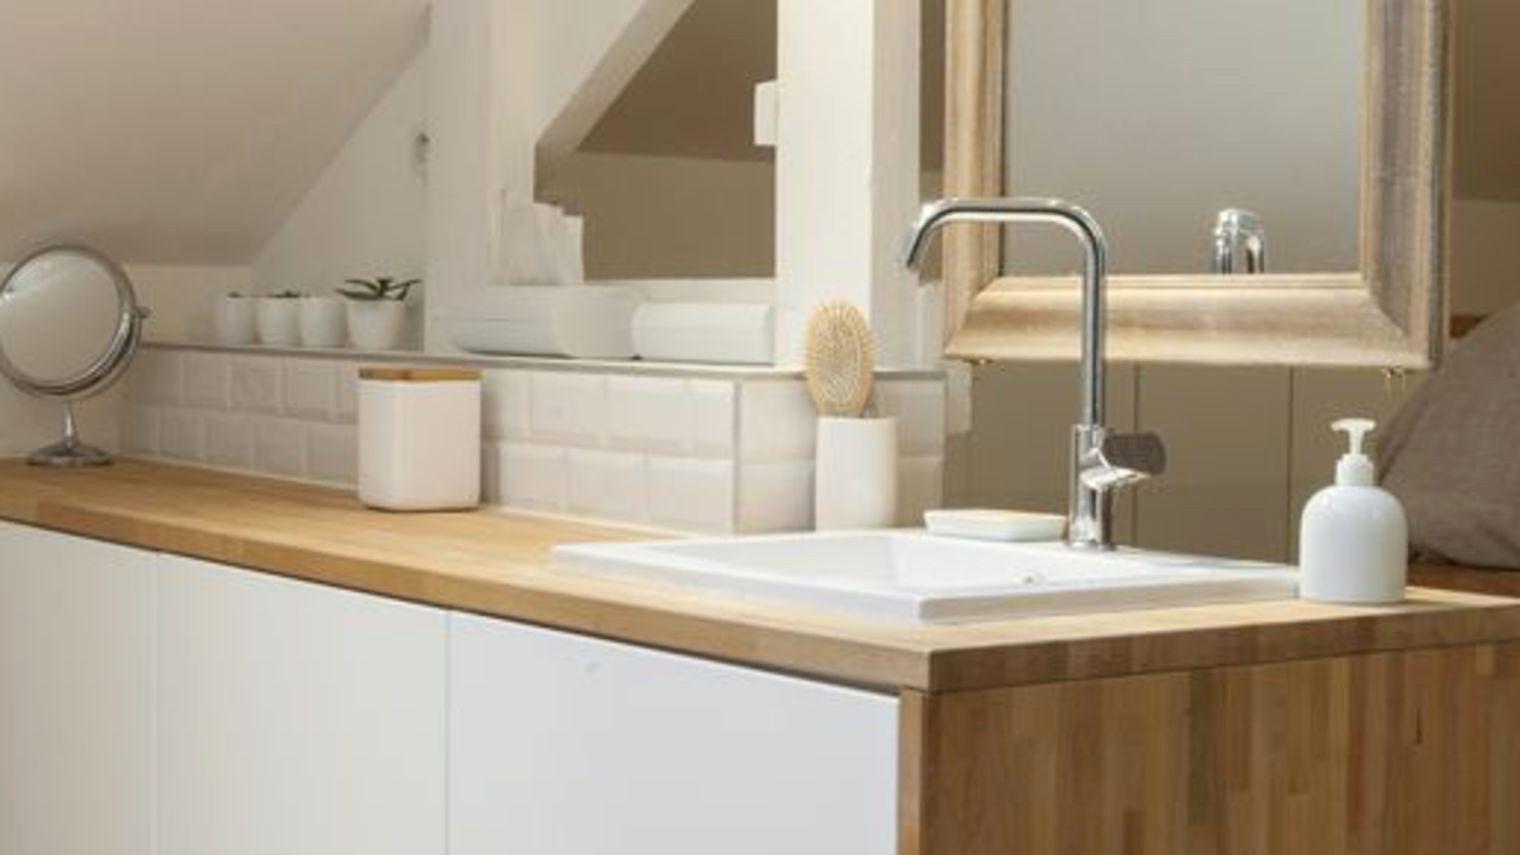 Ikea Meuble sous Vasque Nouveau Images Meuble sous Vasque Ikea Inspirant Ikea Meuble sous Vasque Beau Evier